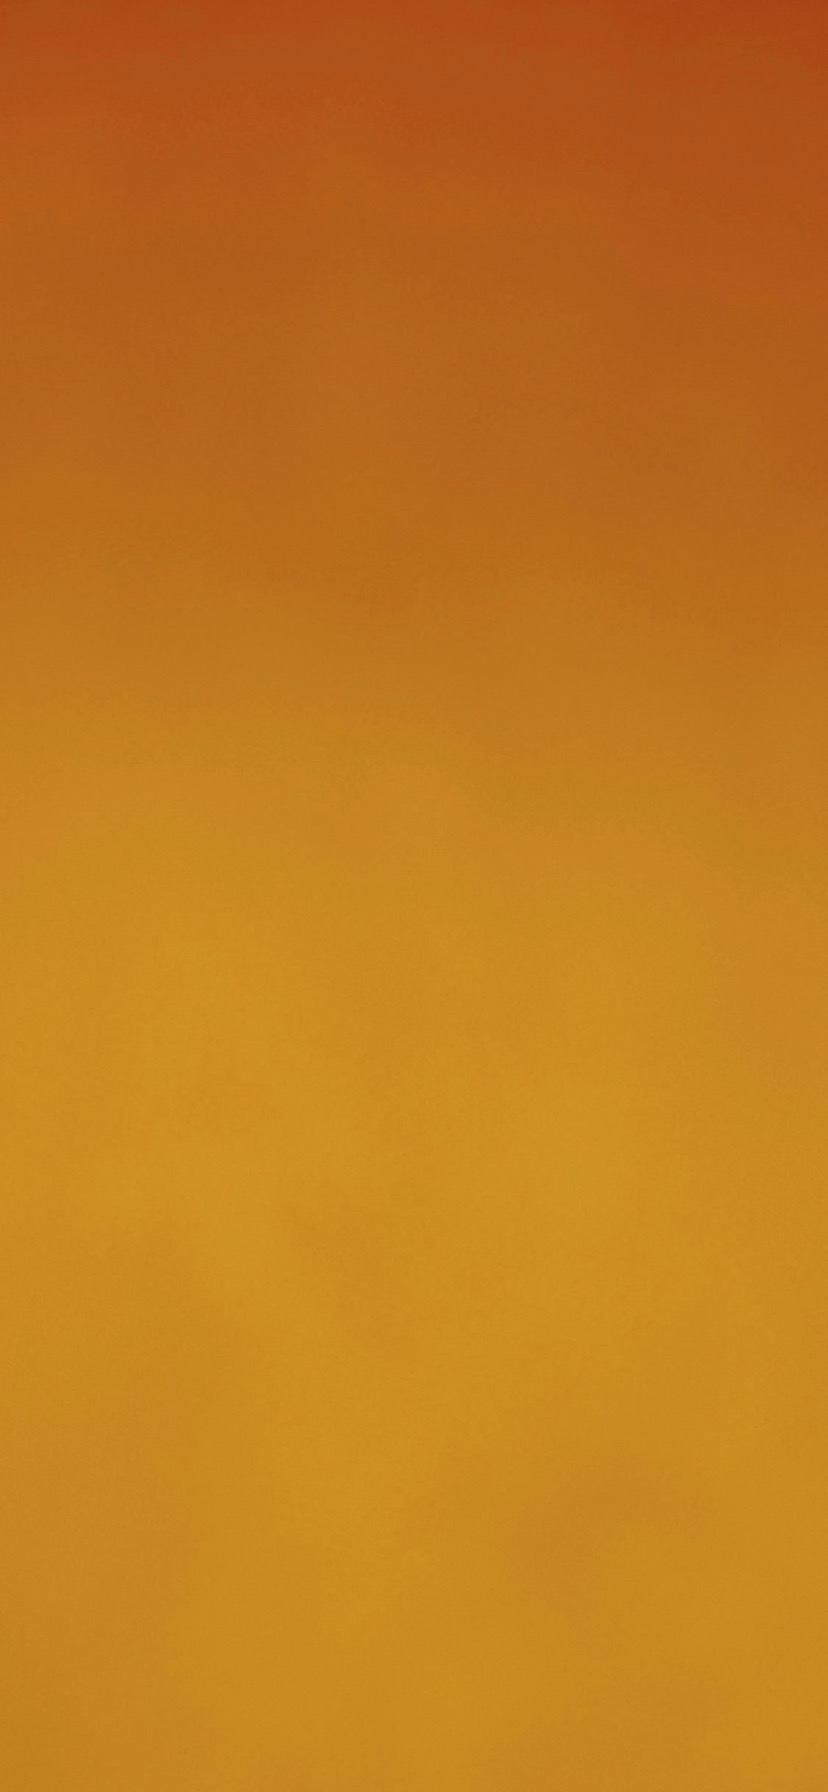 iPhone XR wallpaper 0587